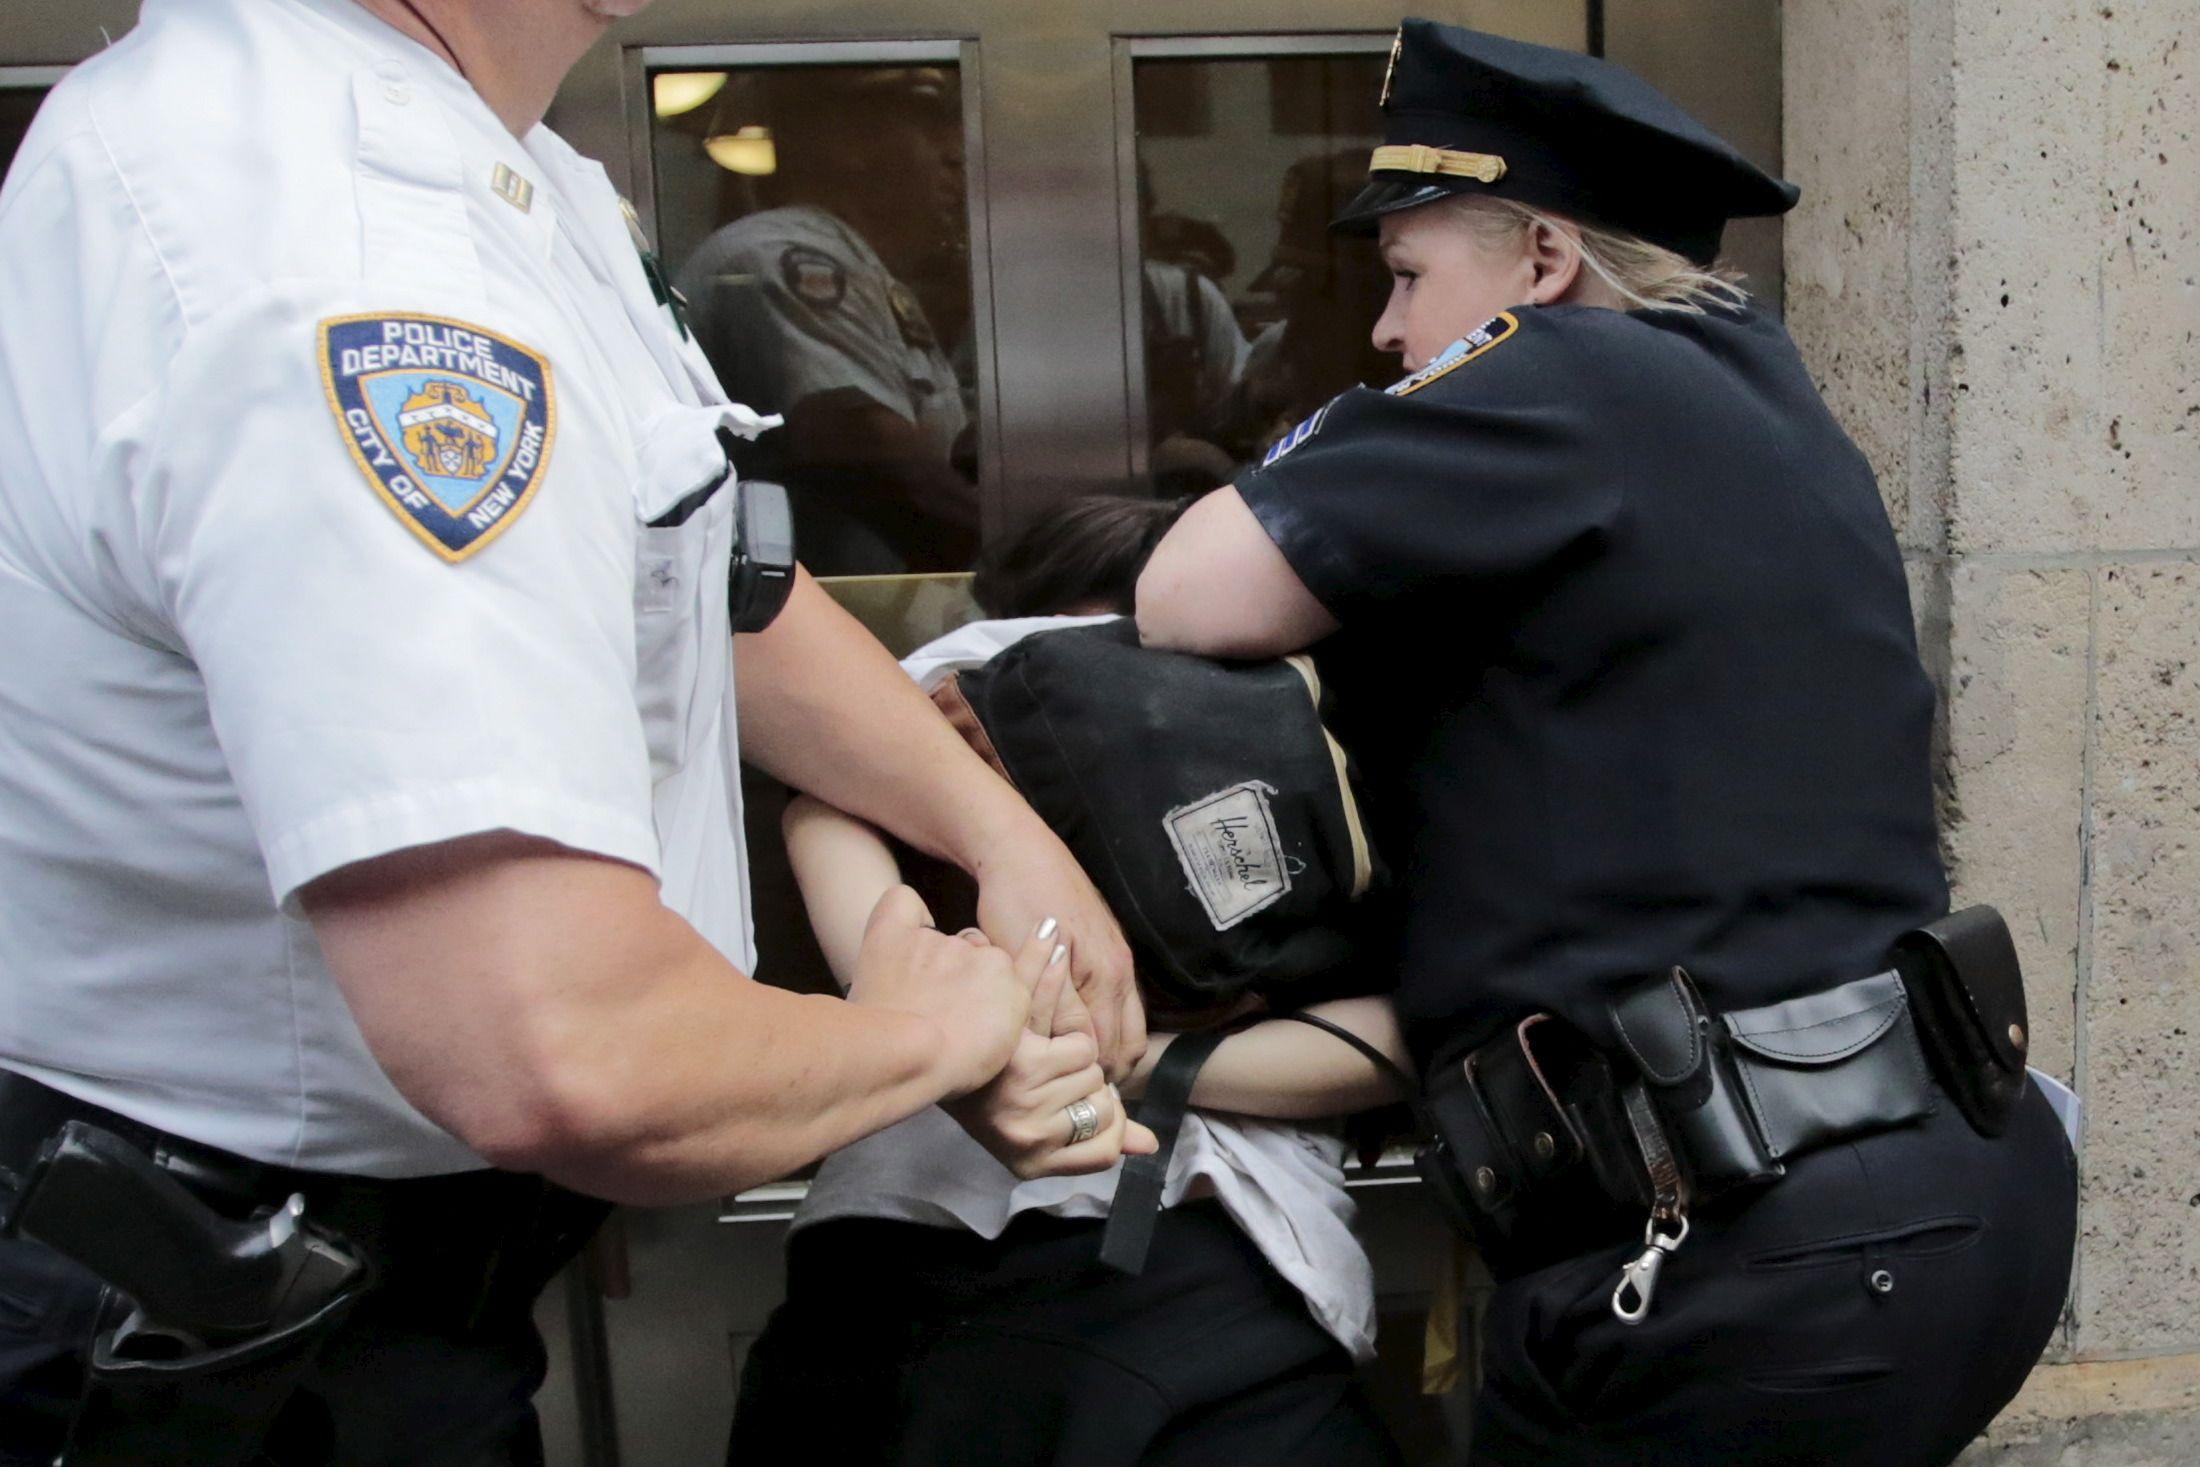 Le policier, réputé assassin de Michael Brown, a été acquitté par un jury populaire de 9 personnes : 6 Blancs et 3 Noirs.